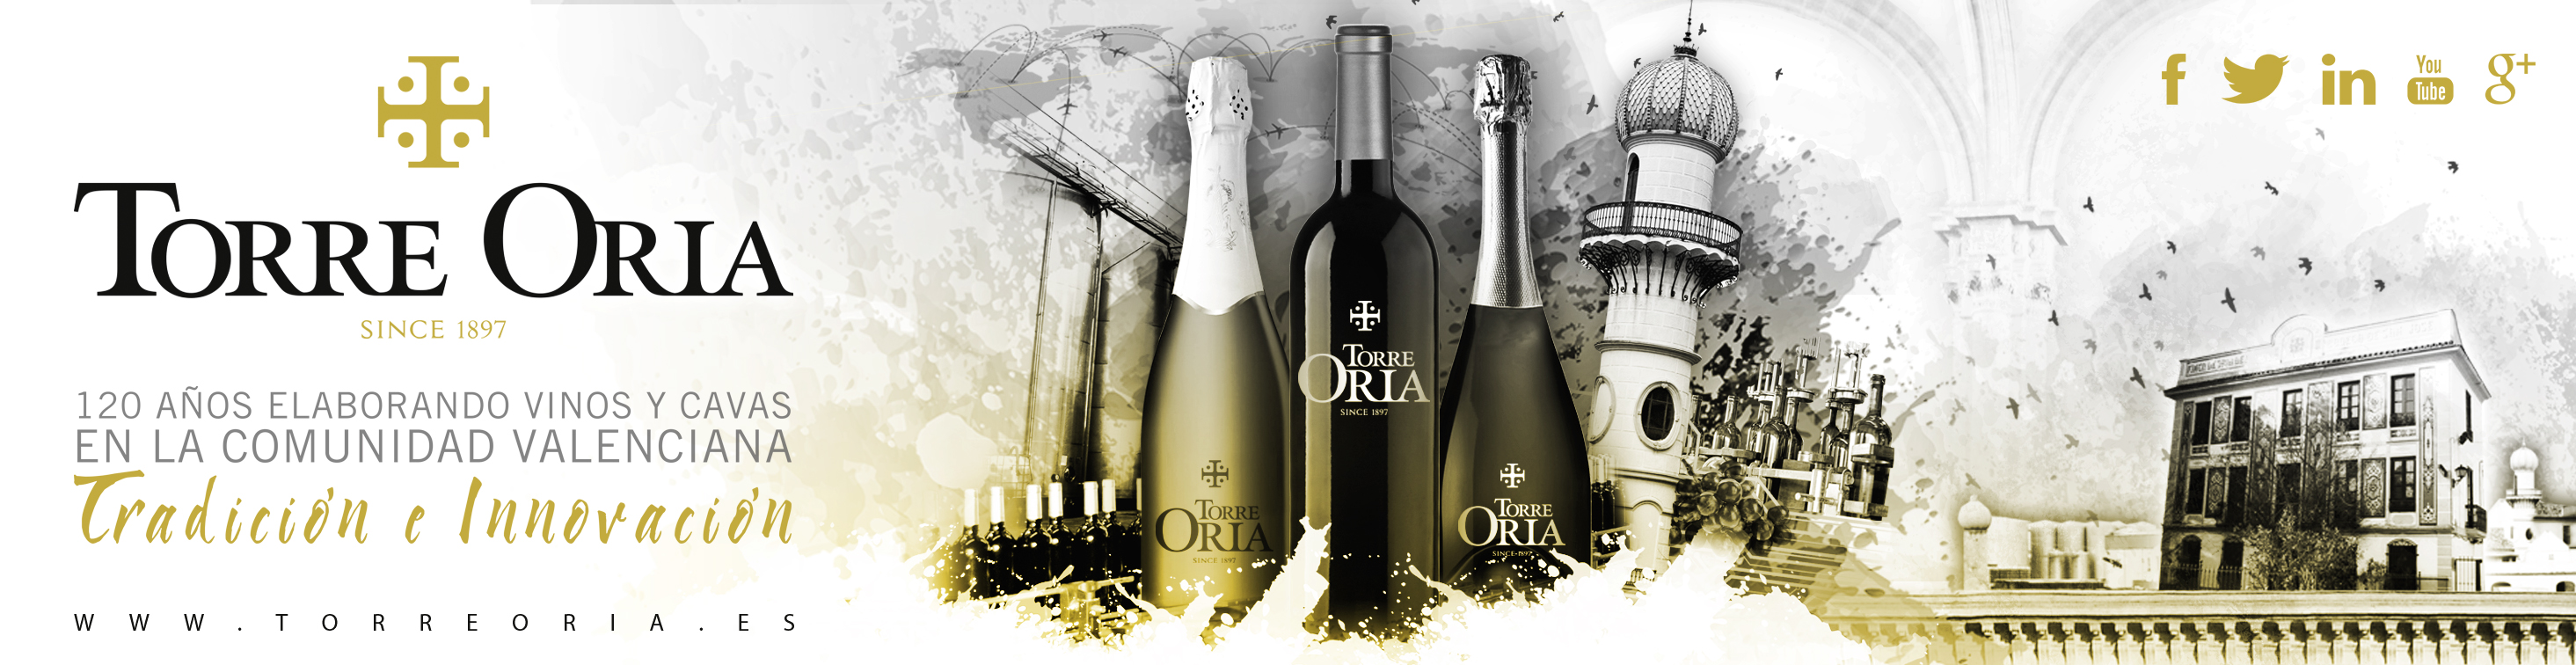 Torre Oria alcanza récord de ventas en 2015 con una facturación de 10,1 millones de euros